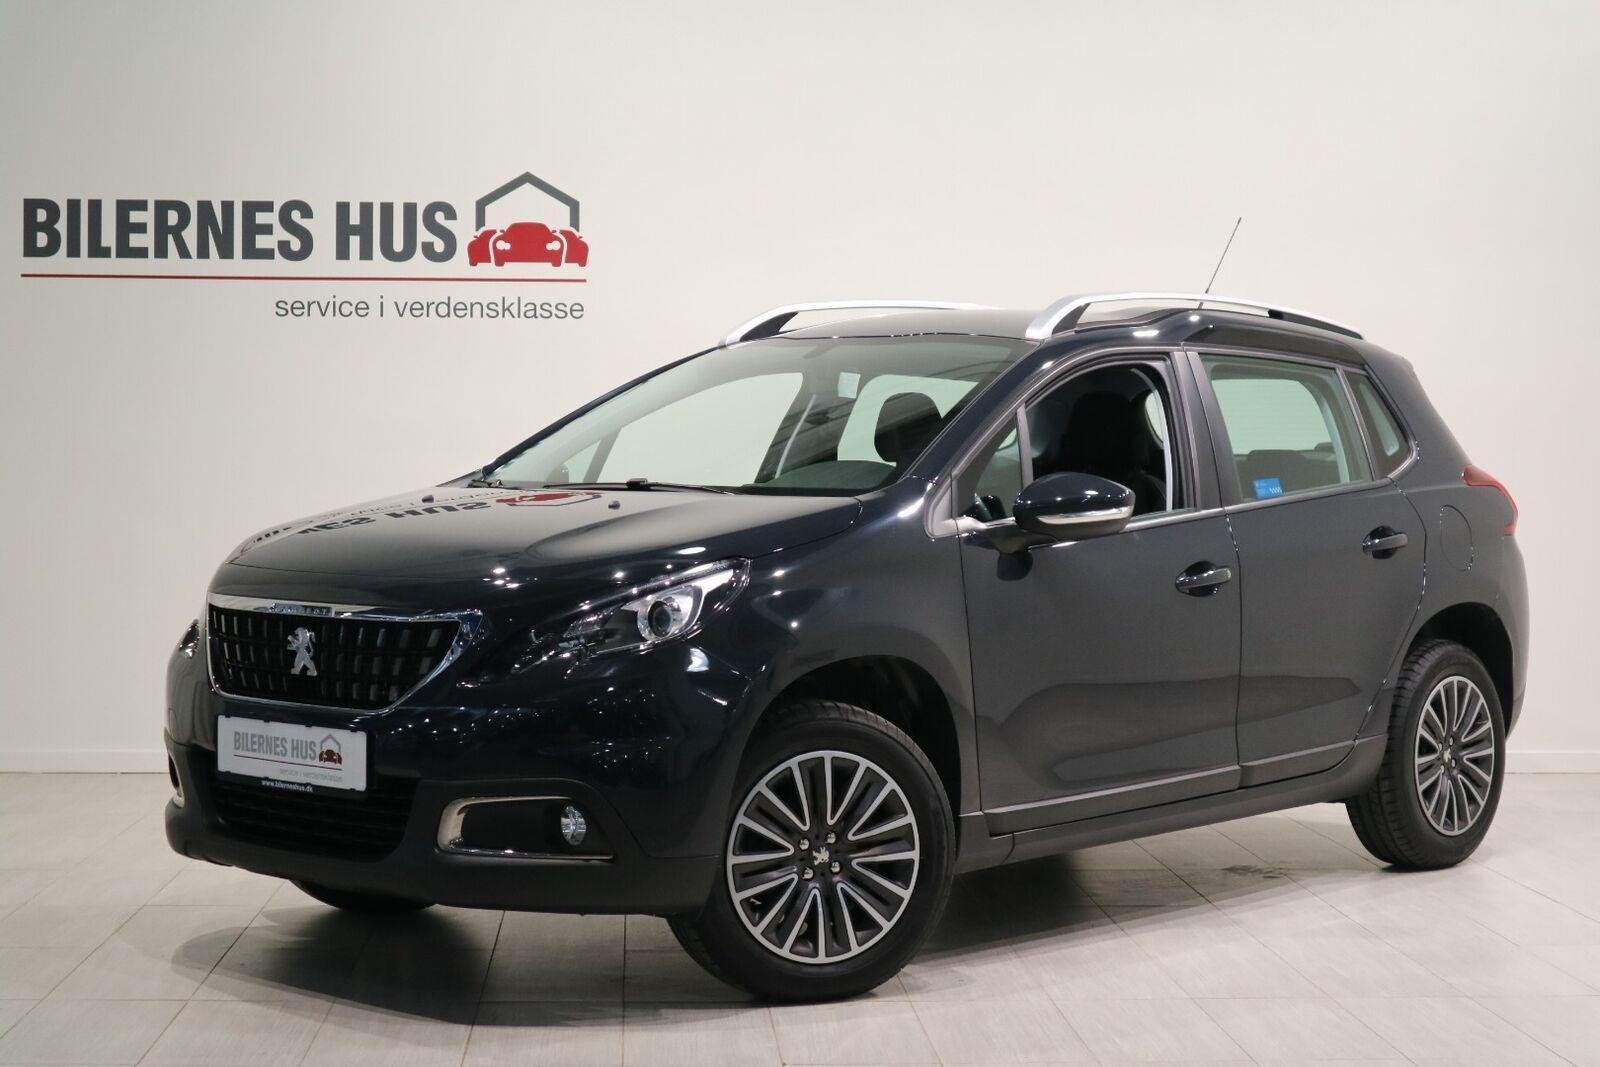 Peugeot 2008 Billede 2